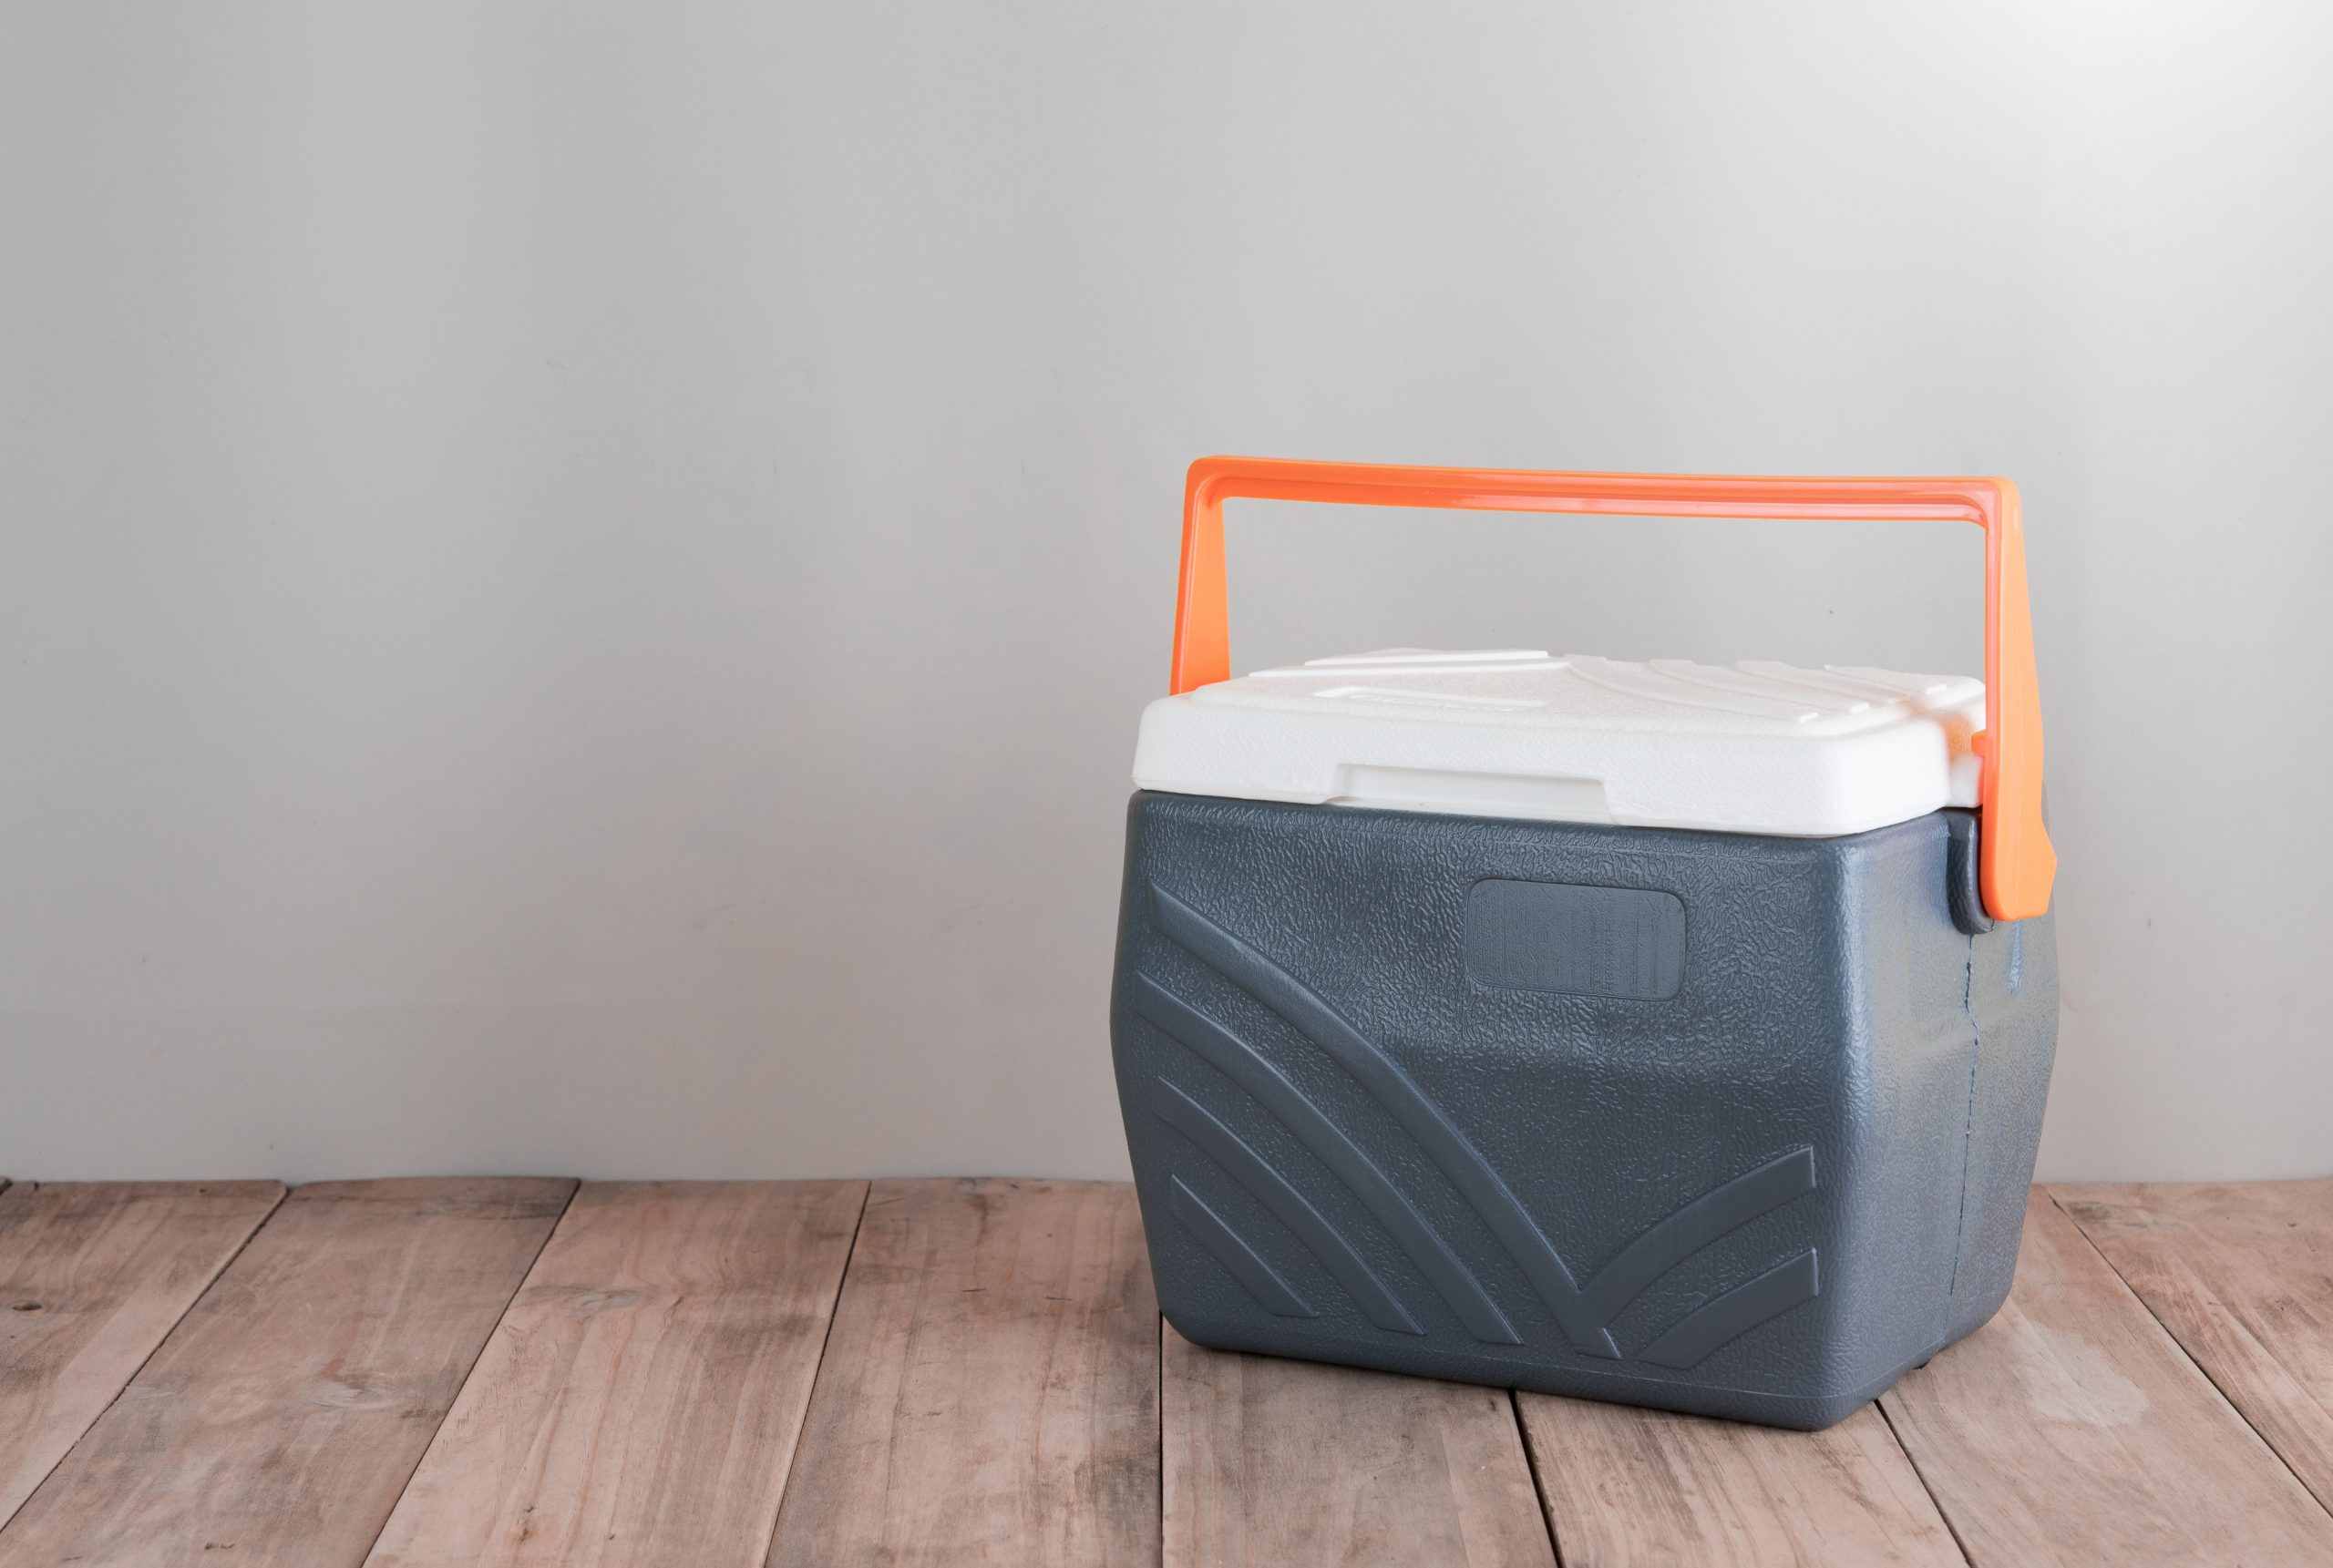 Kühlbox 12V: Test & Empfehlungen (12/20)